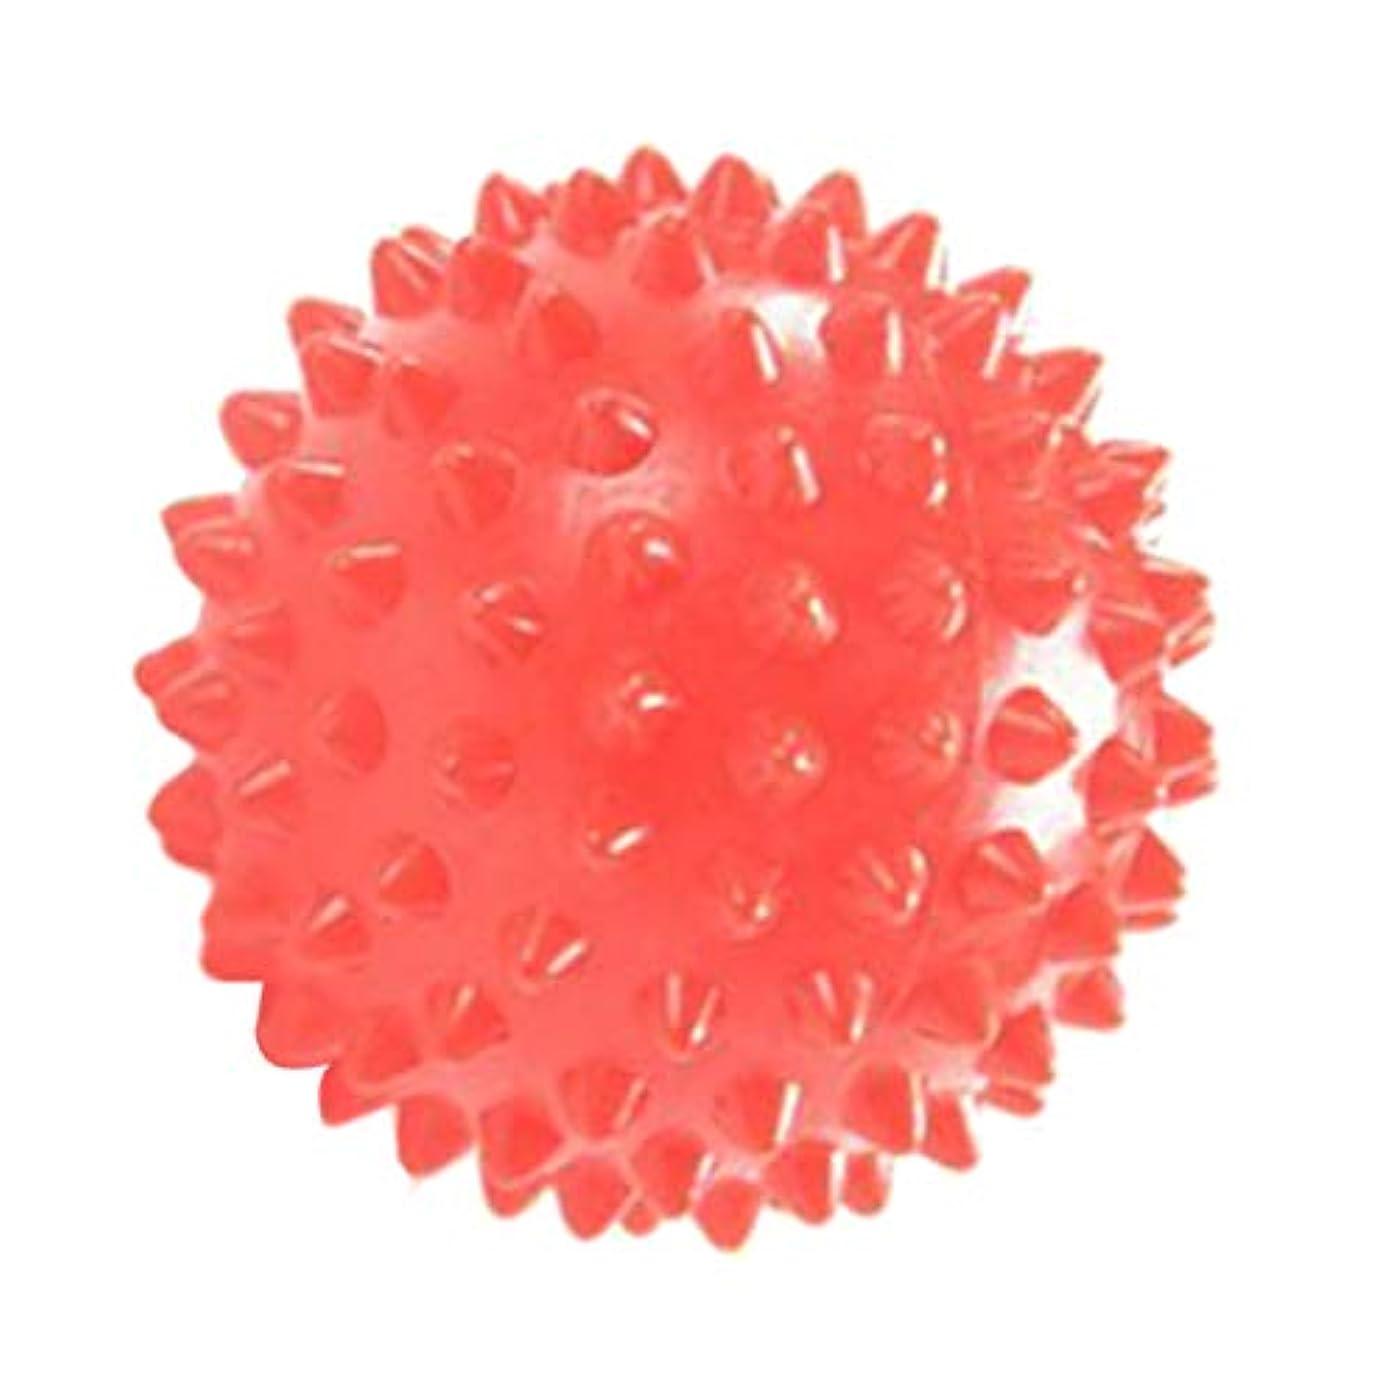 時折コンチネンタル調停する指圧ボール 触覚ボール マッサージローラー ローラーボール 軽量 持ち運び便利 補助ツール